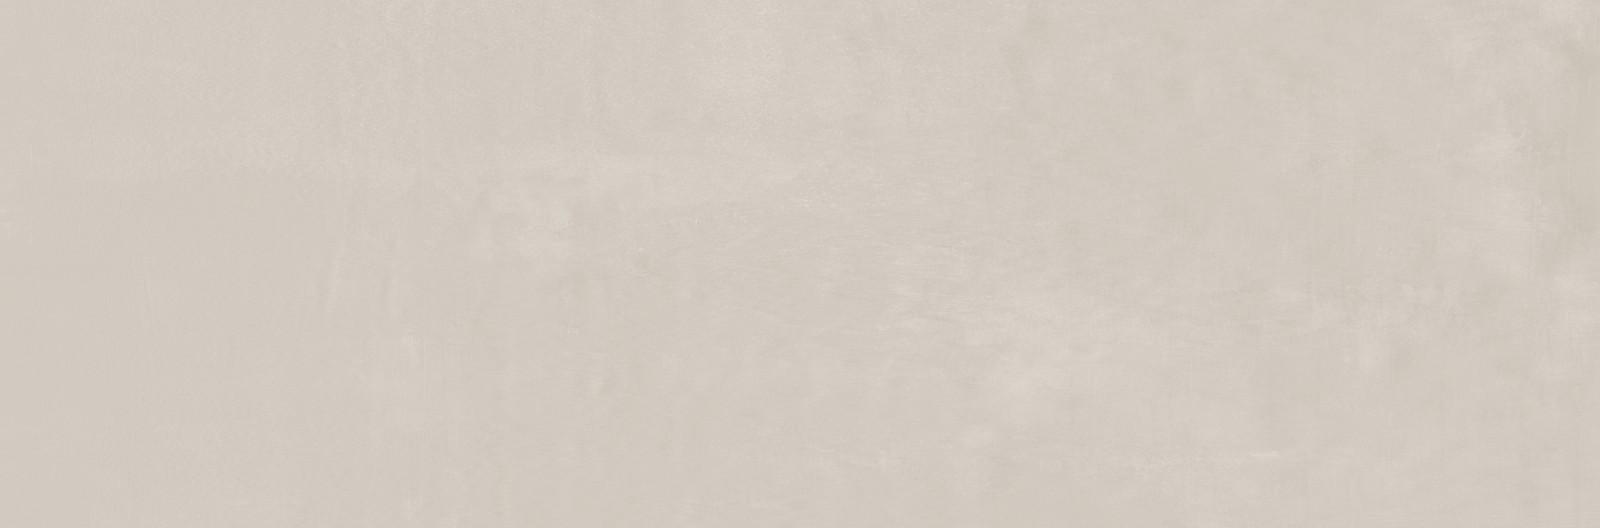 Керамическая Плитка Peronda Palette taupe/32x90/r